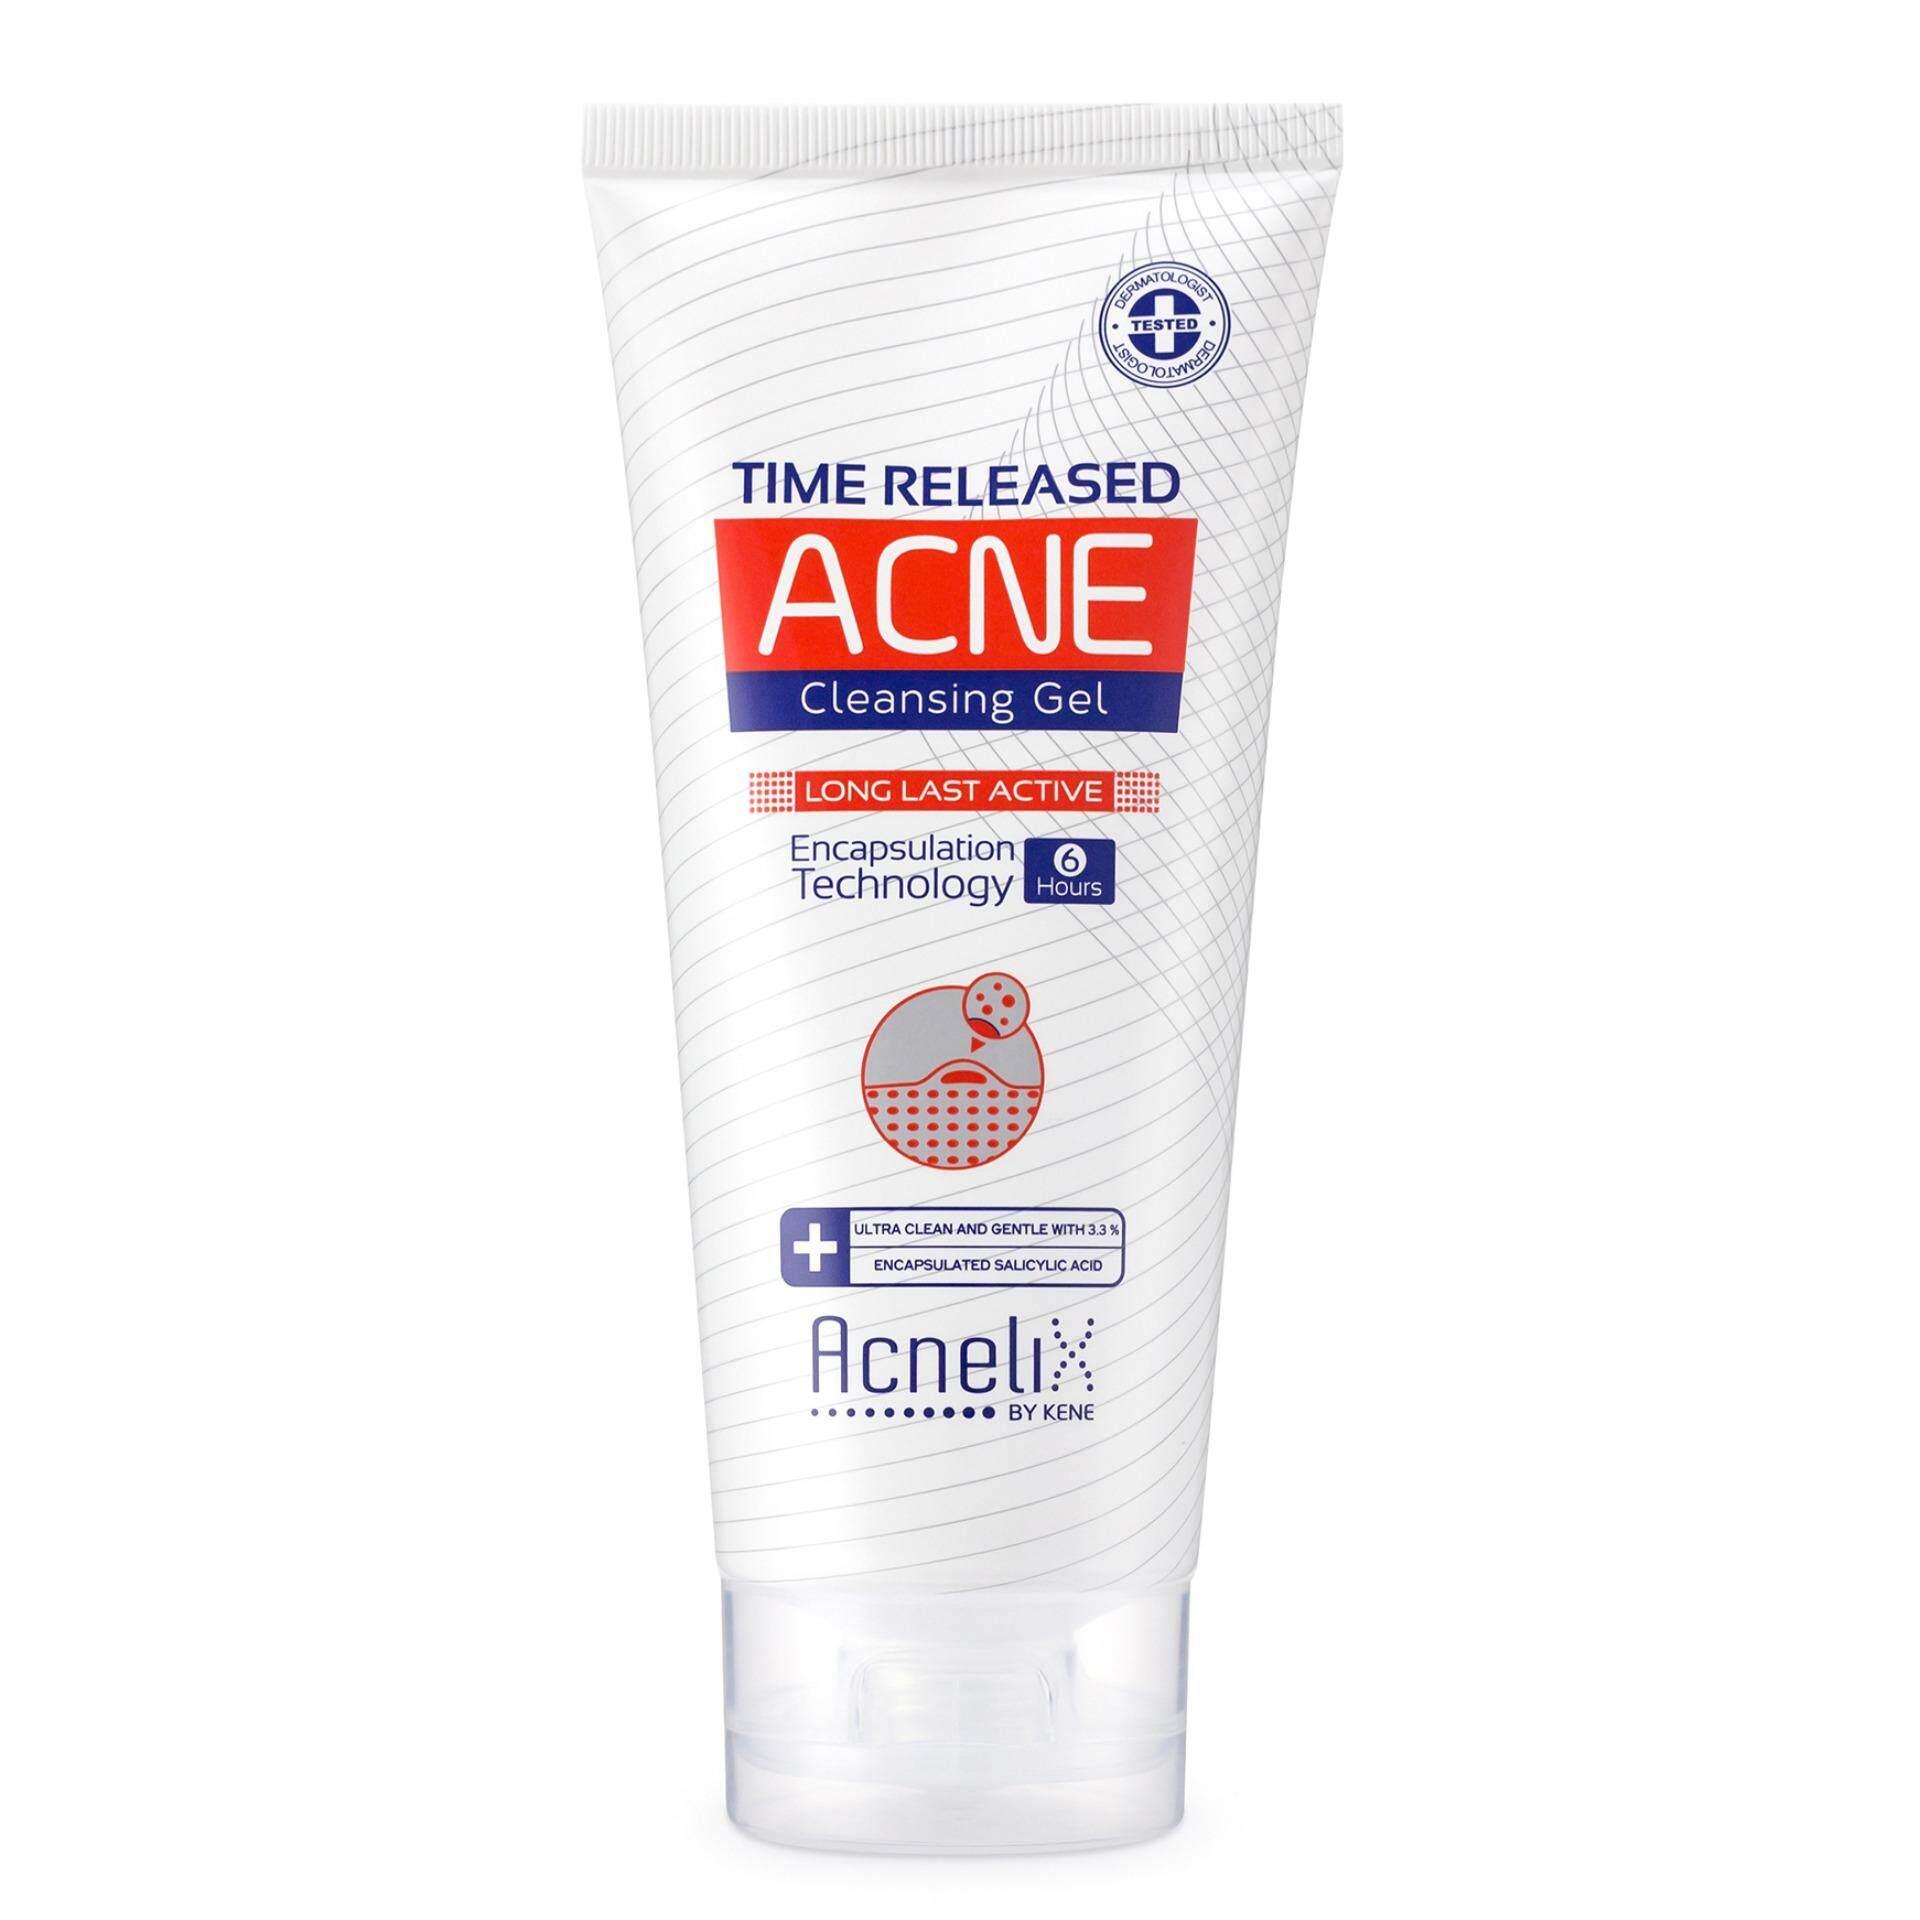 ราคา Acnelix Time Released Acne Cleansing Gel